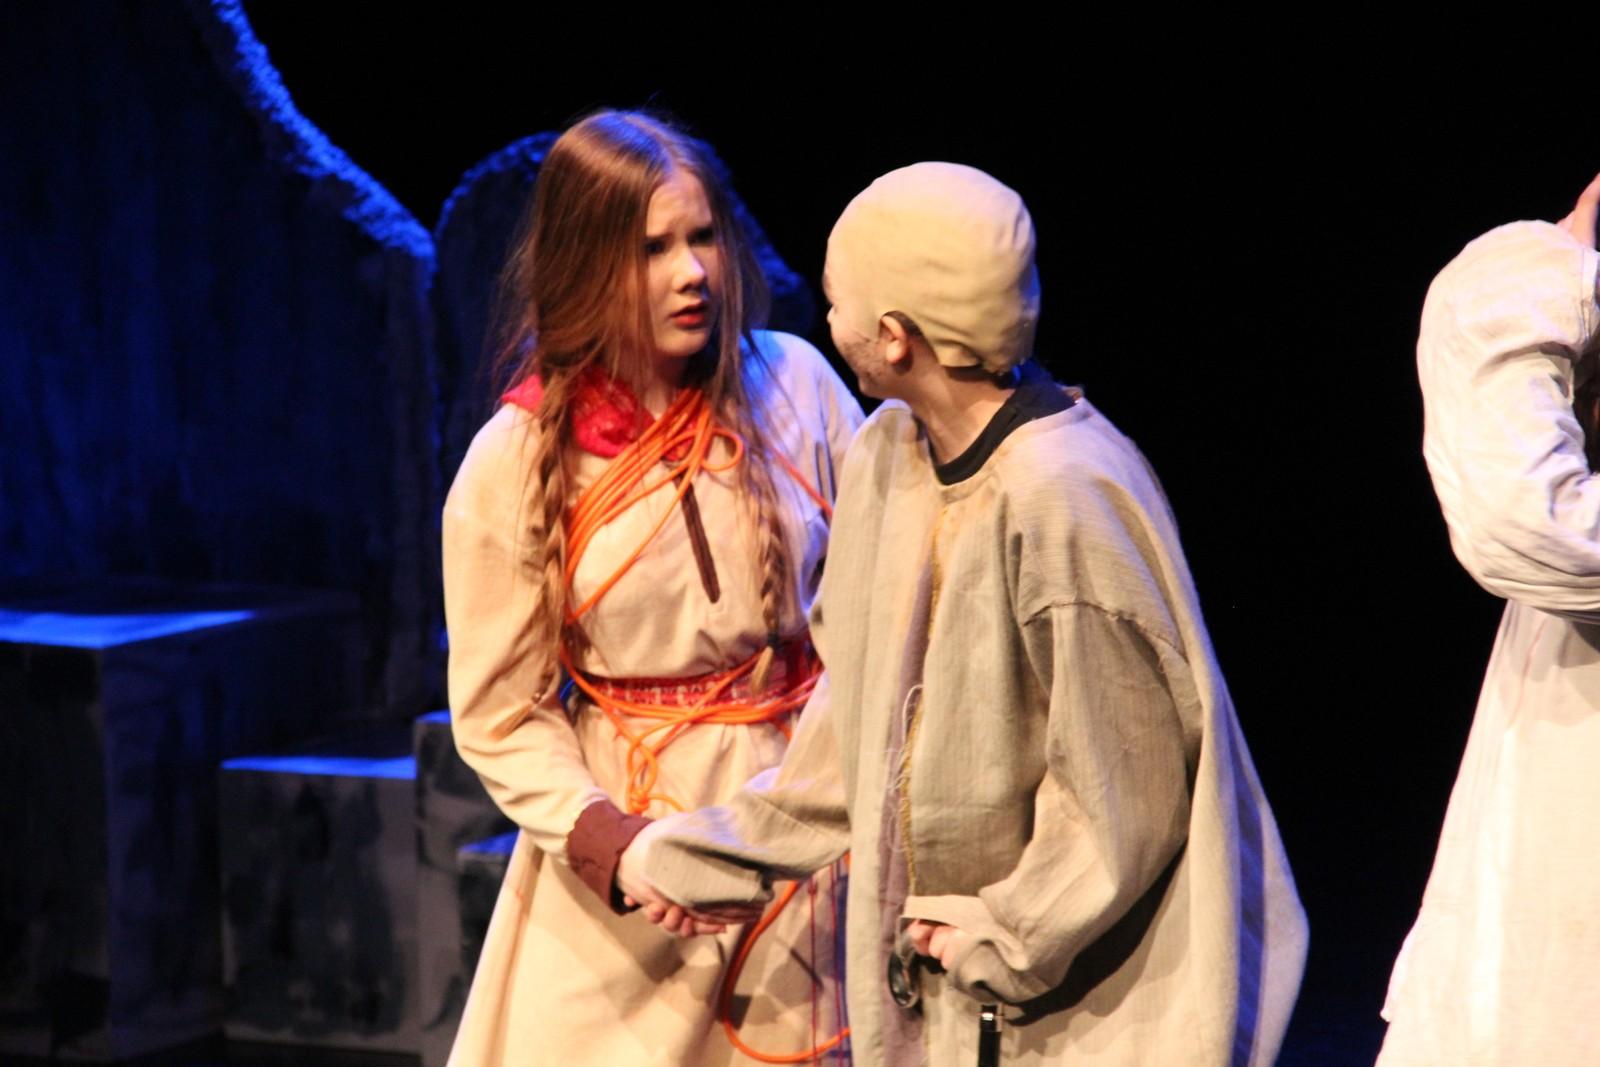 Samisk barneteater holdt forestillingen Ronja Røverdatter på Riksscenen i Oslo.